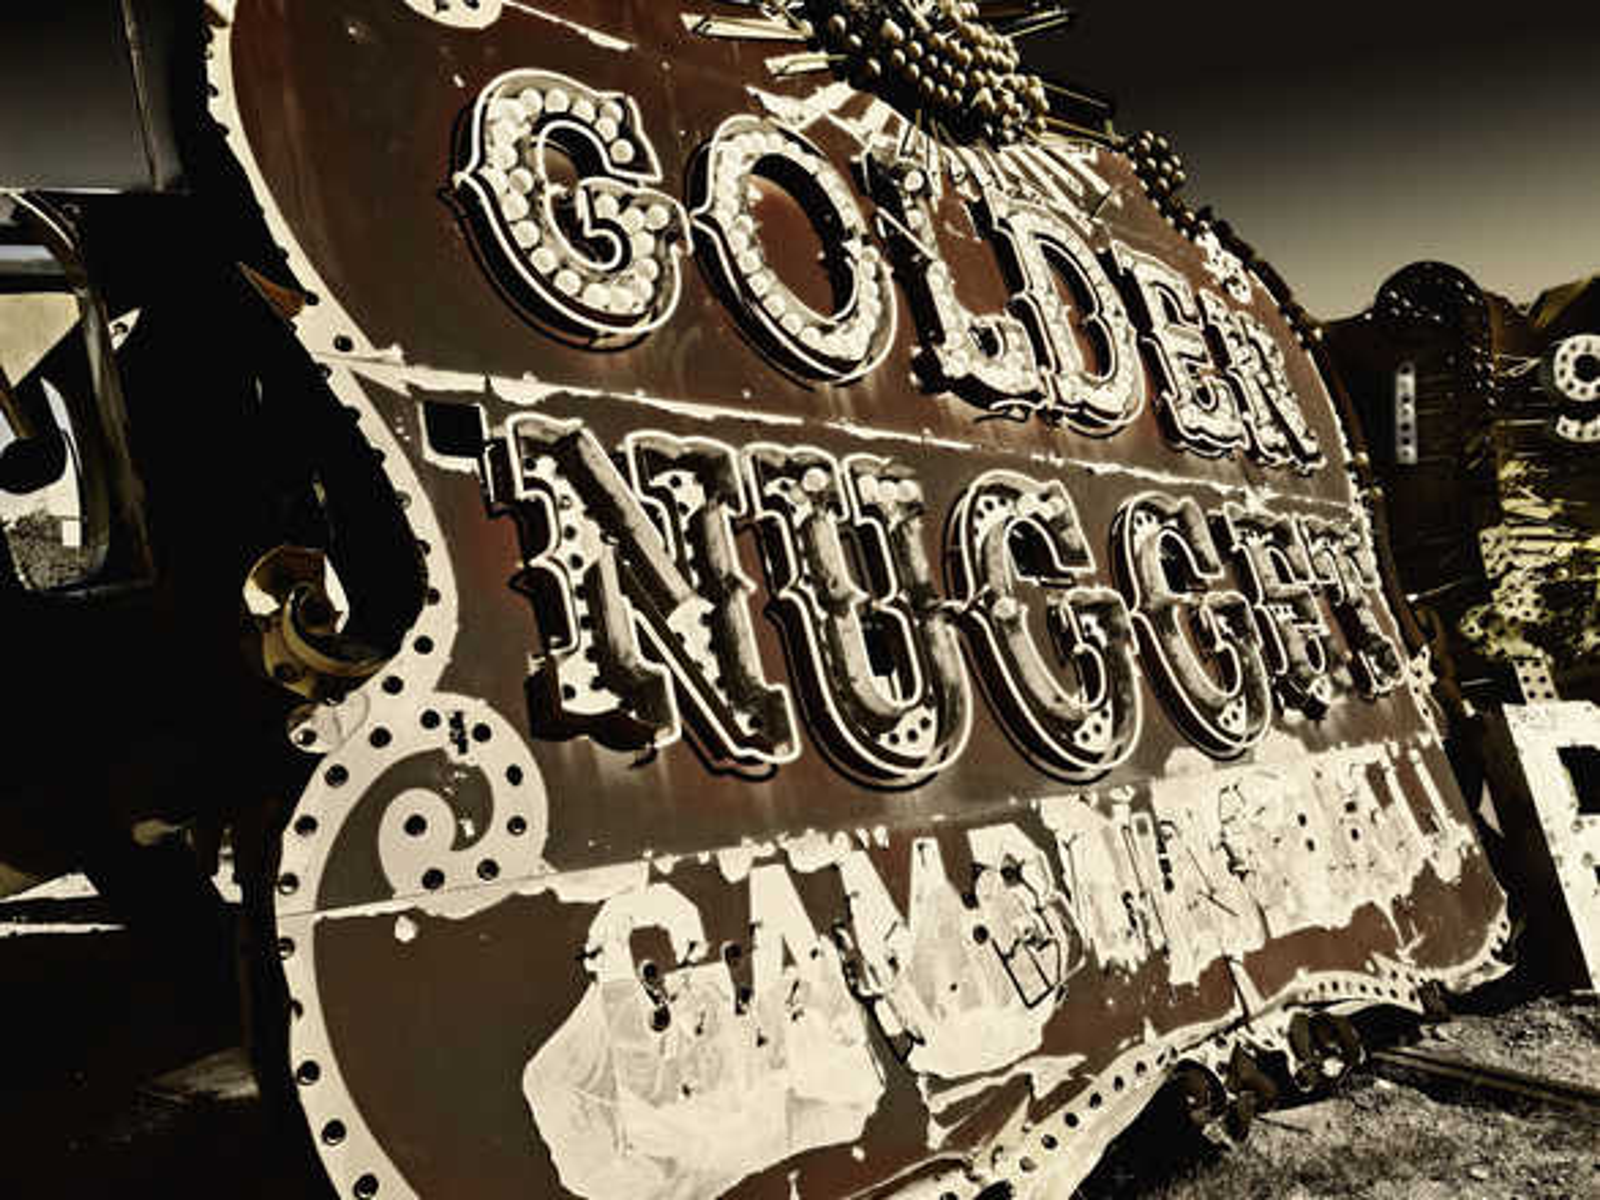 GOLDEN NUGGET - Ralph Richter